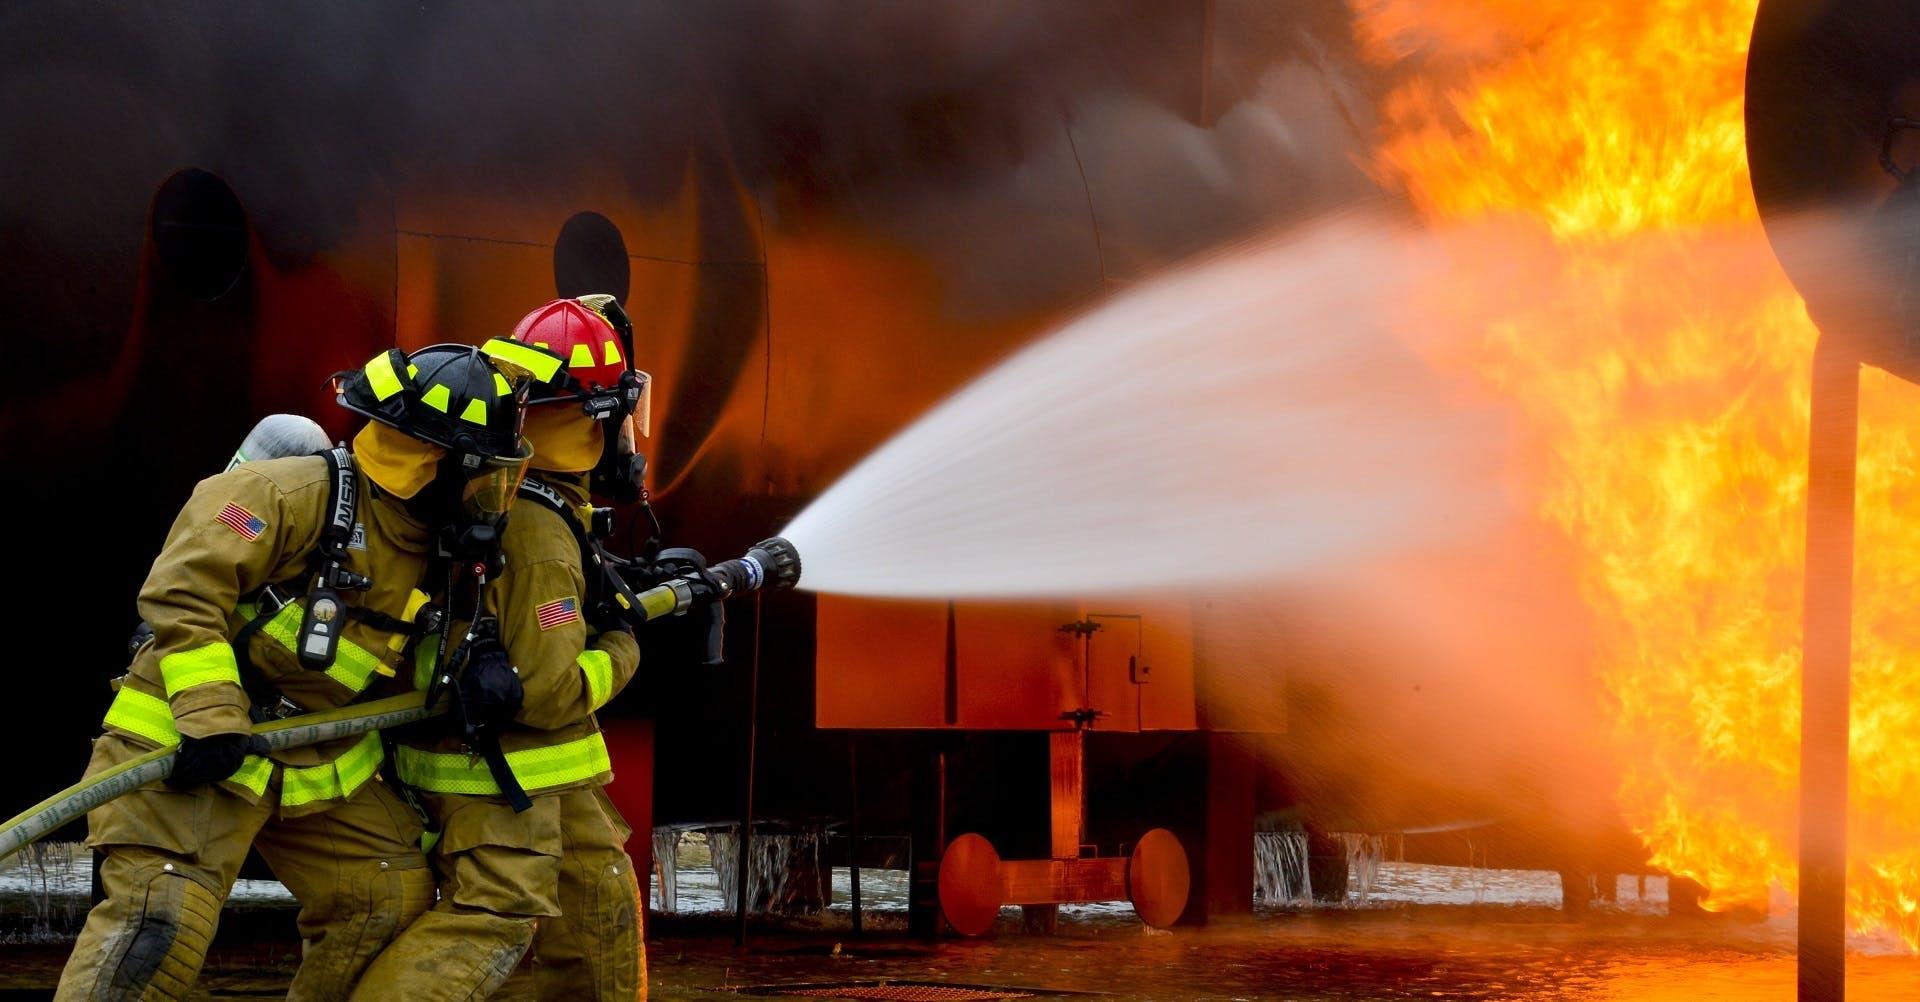 Firemen Blowing Water on Fire